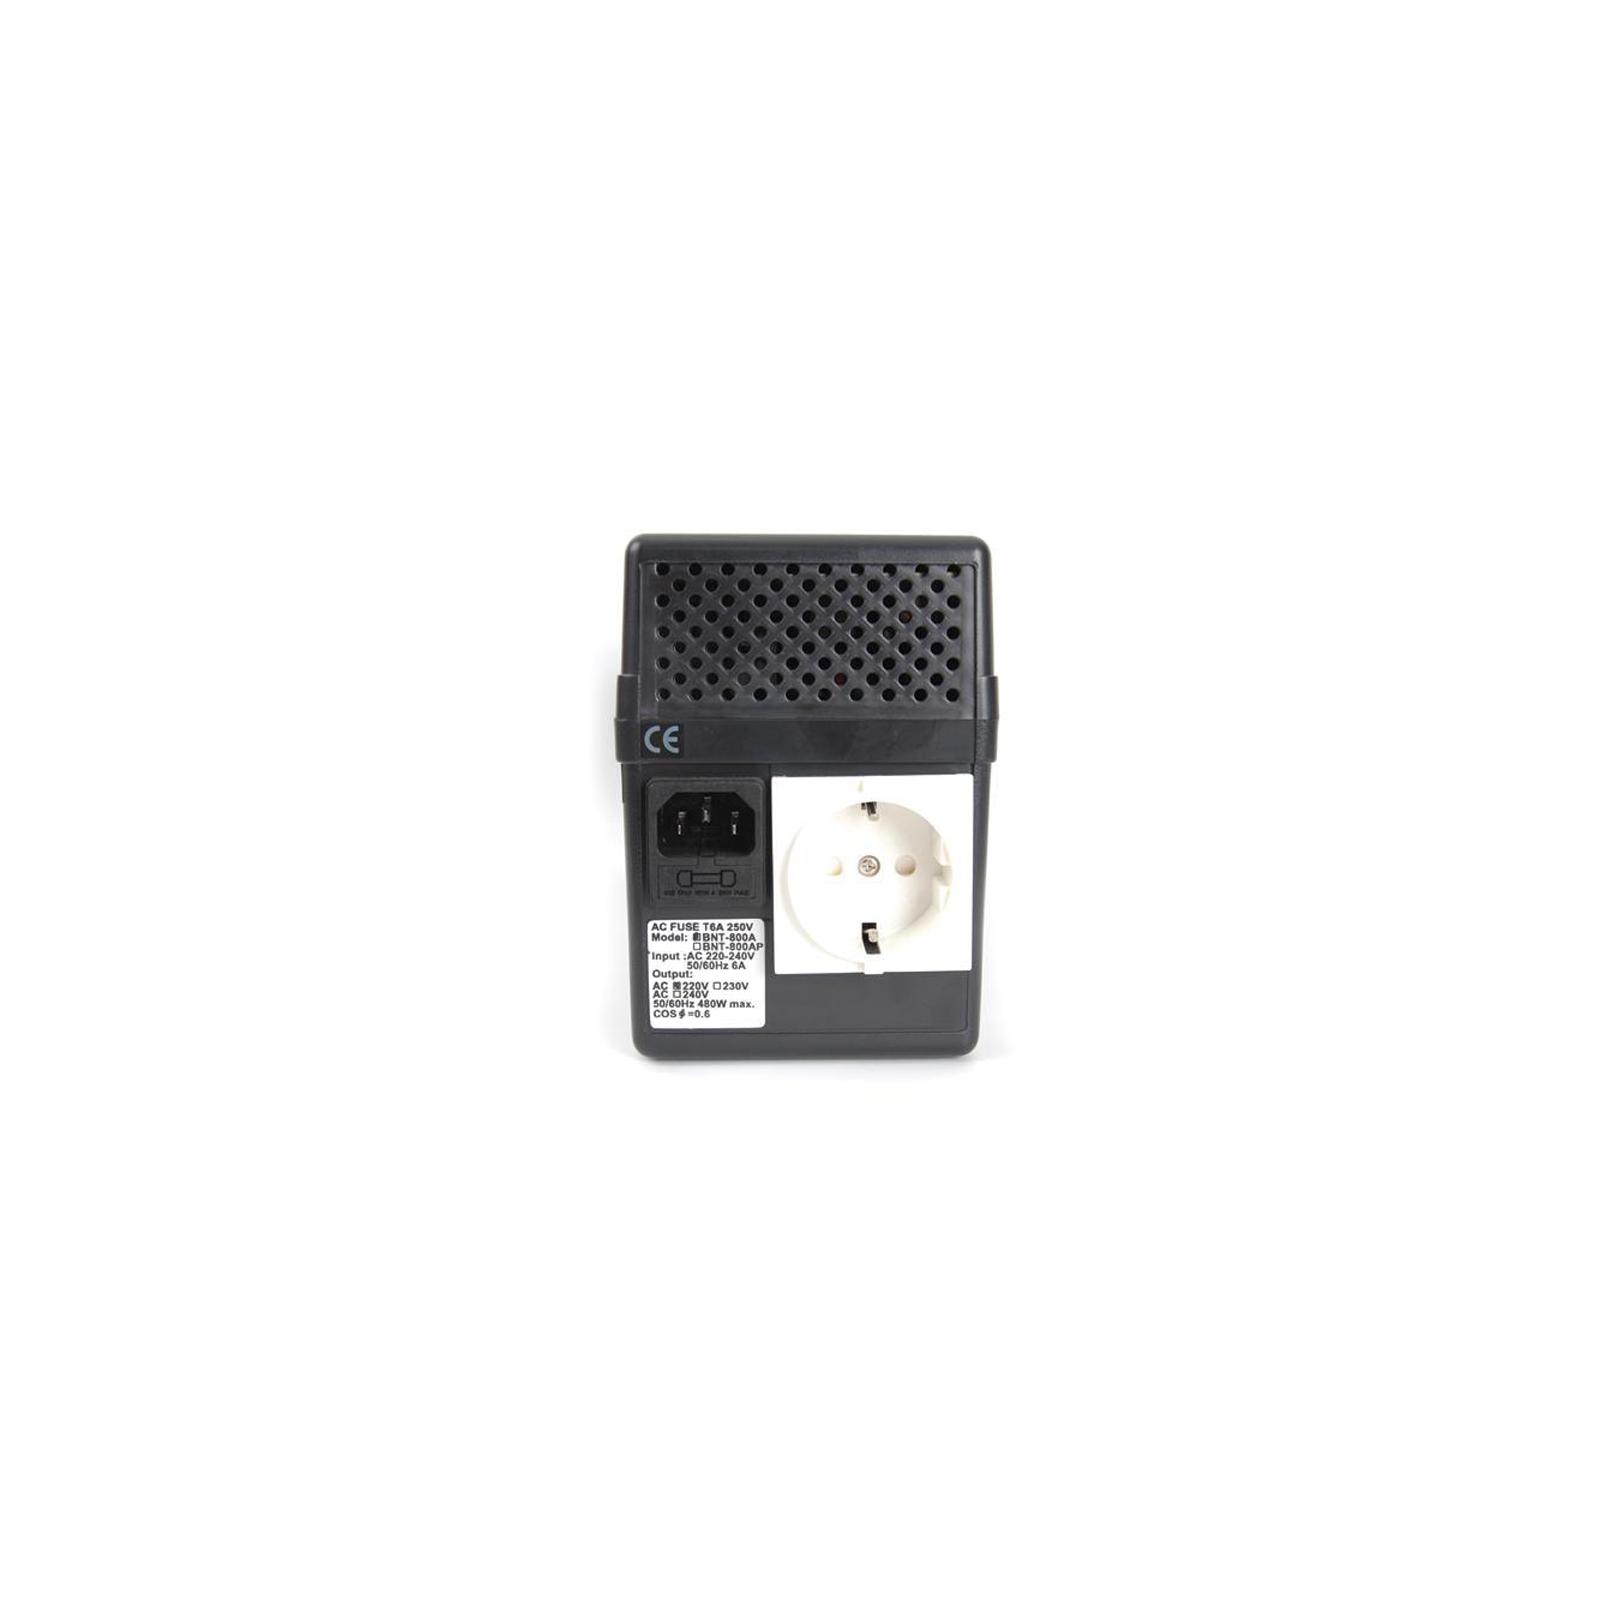 Источник бесперебойного питания BNT-600 Schuko Powercom (BNT-600 A Schuko) изображение 2